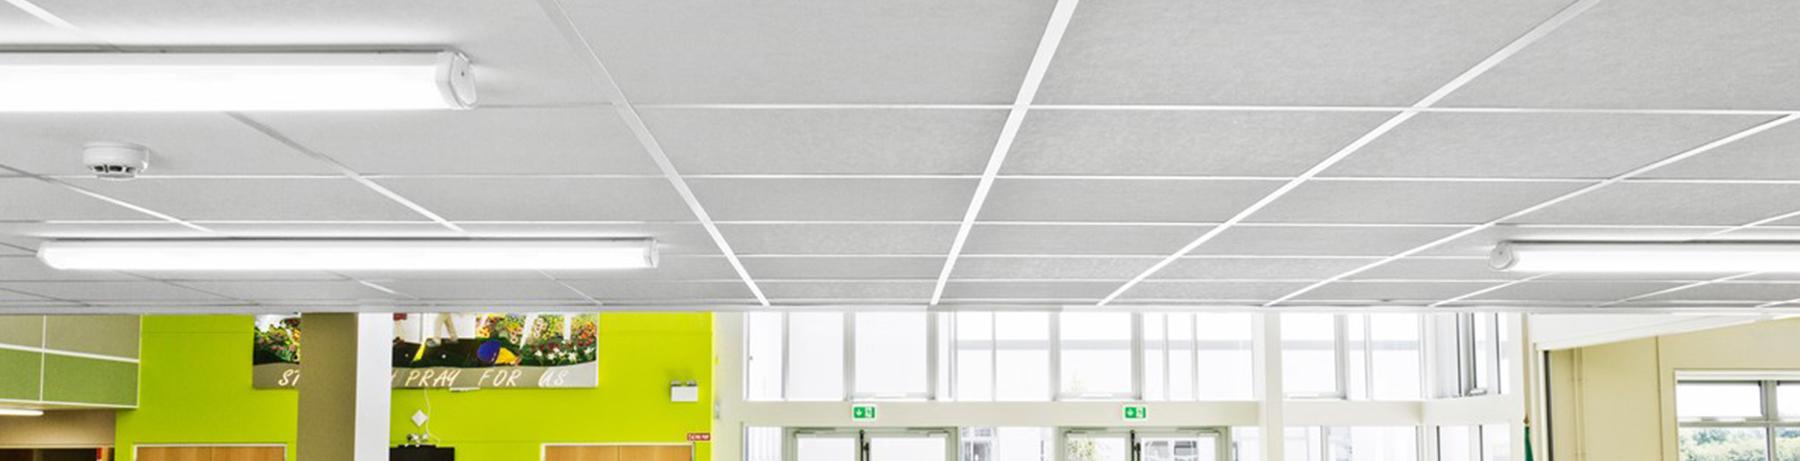 Ceiling Tiles - Mineral Fiber & Fiberglass Ceiling Tiles